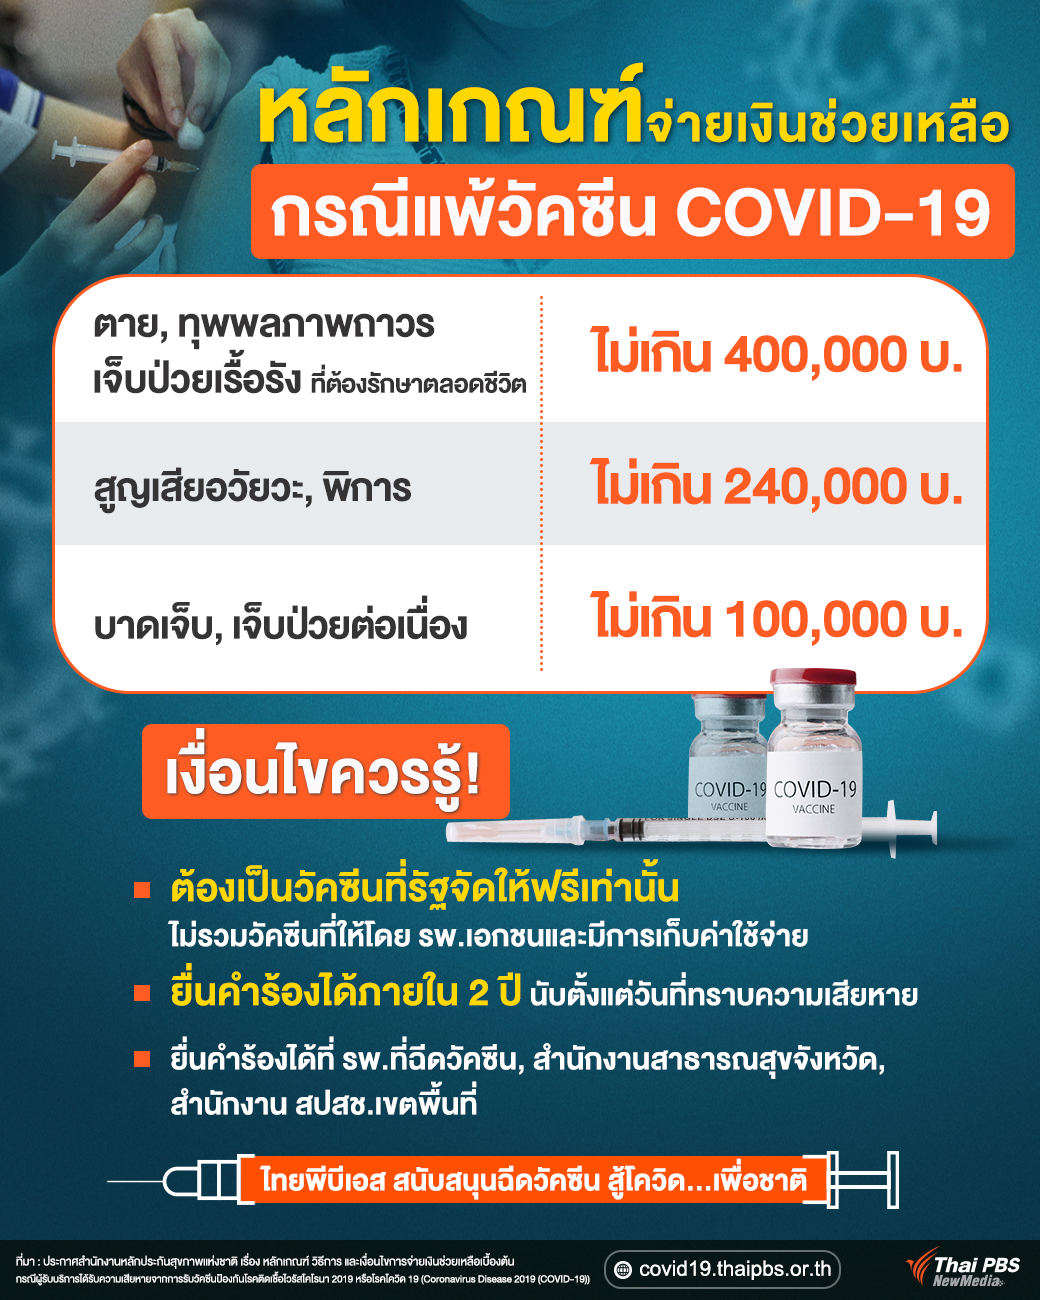 หลักเกณฑ์จ่ายเงินช่วยเหลือ กรณีแพ้วัคซีน COVID-19